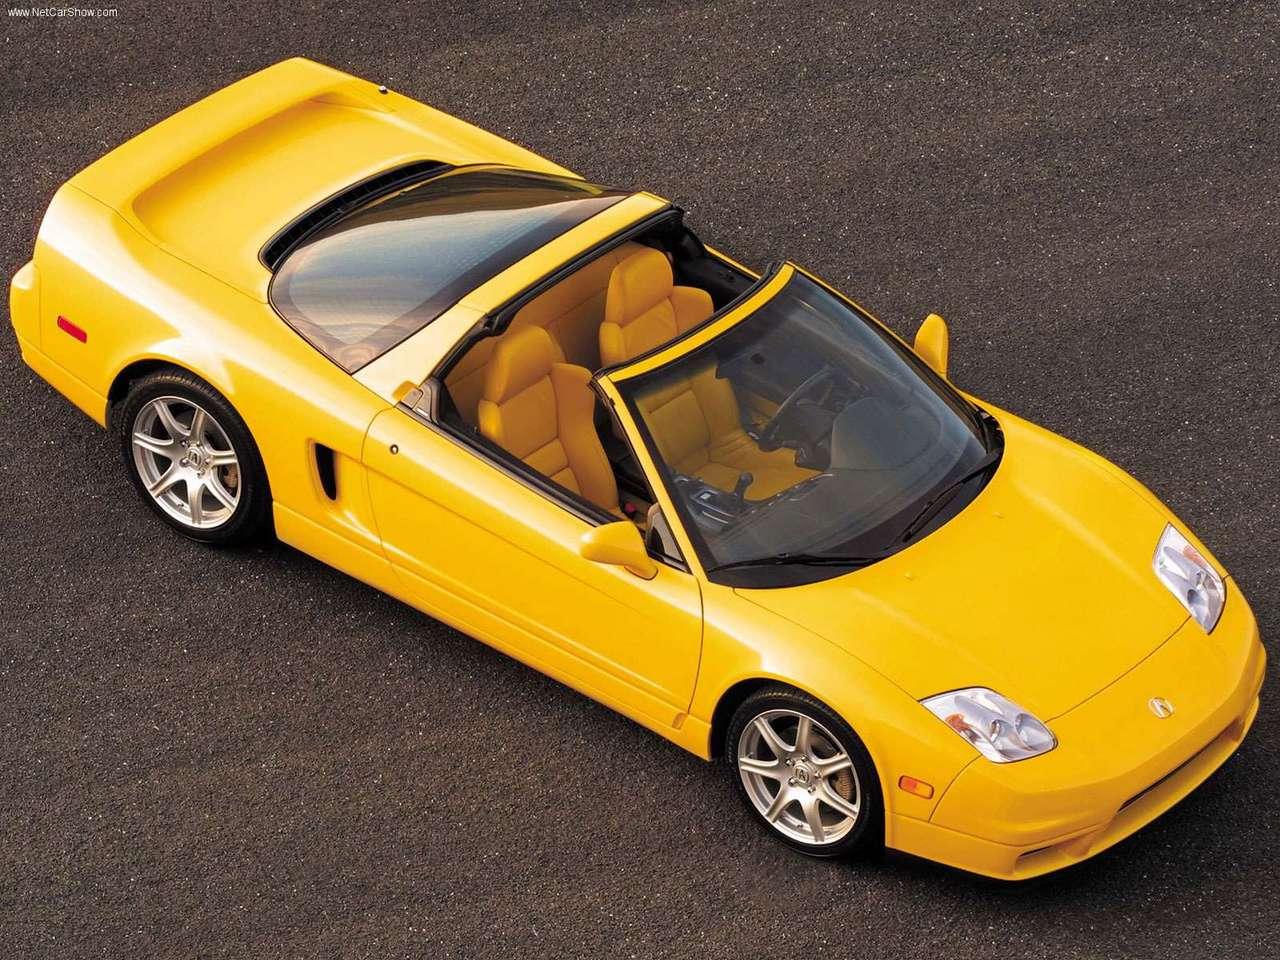 Acura NSX 2005 Acura-NSX-2005-1280-0a